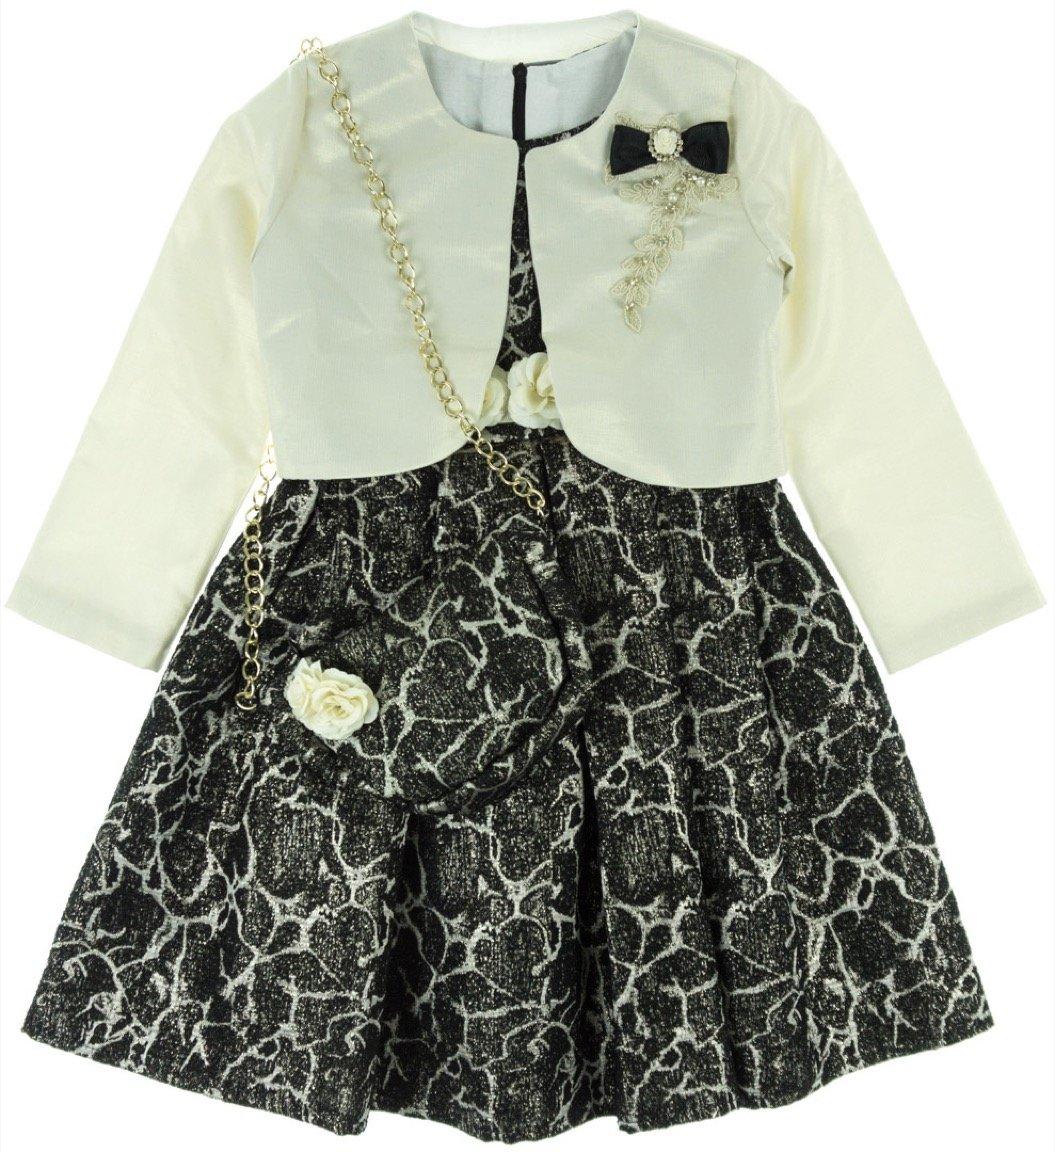 Seker παιδικό αμπιγιέ φόρεμα & ζακέτα μπολερό «Shiny»